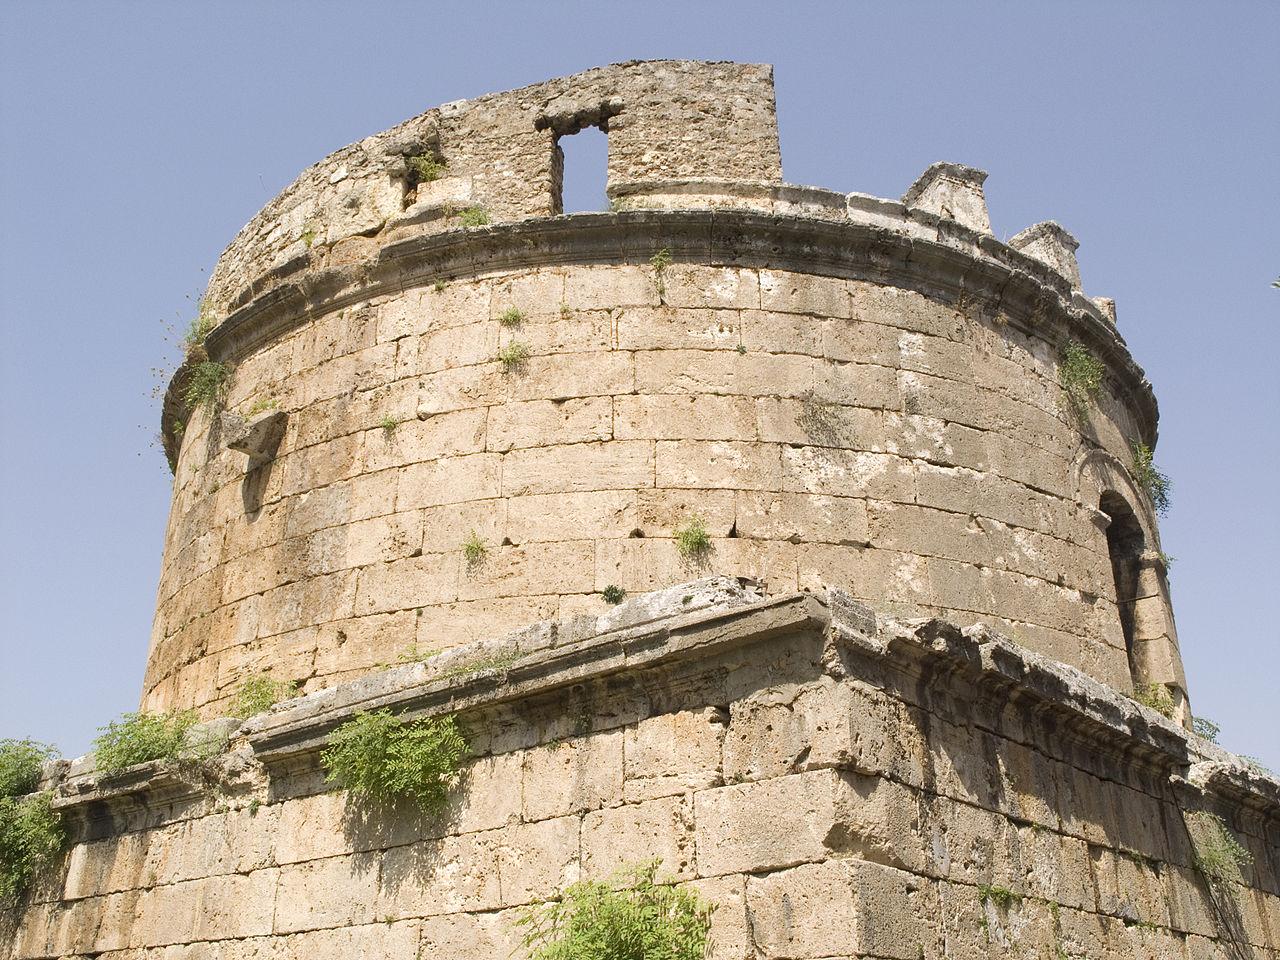 Башня Хыдырлык, верхний этаж